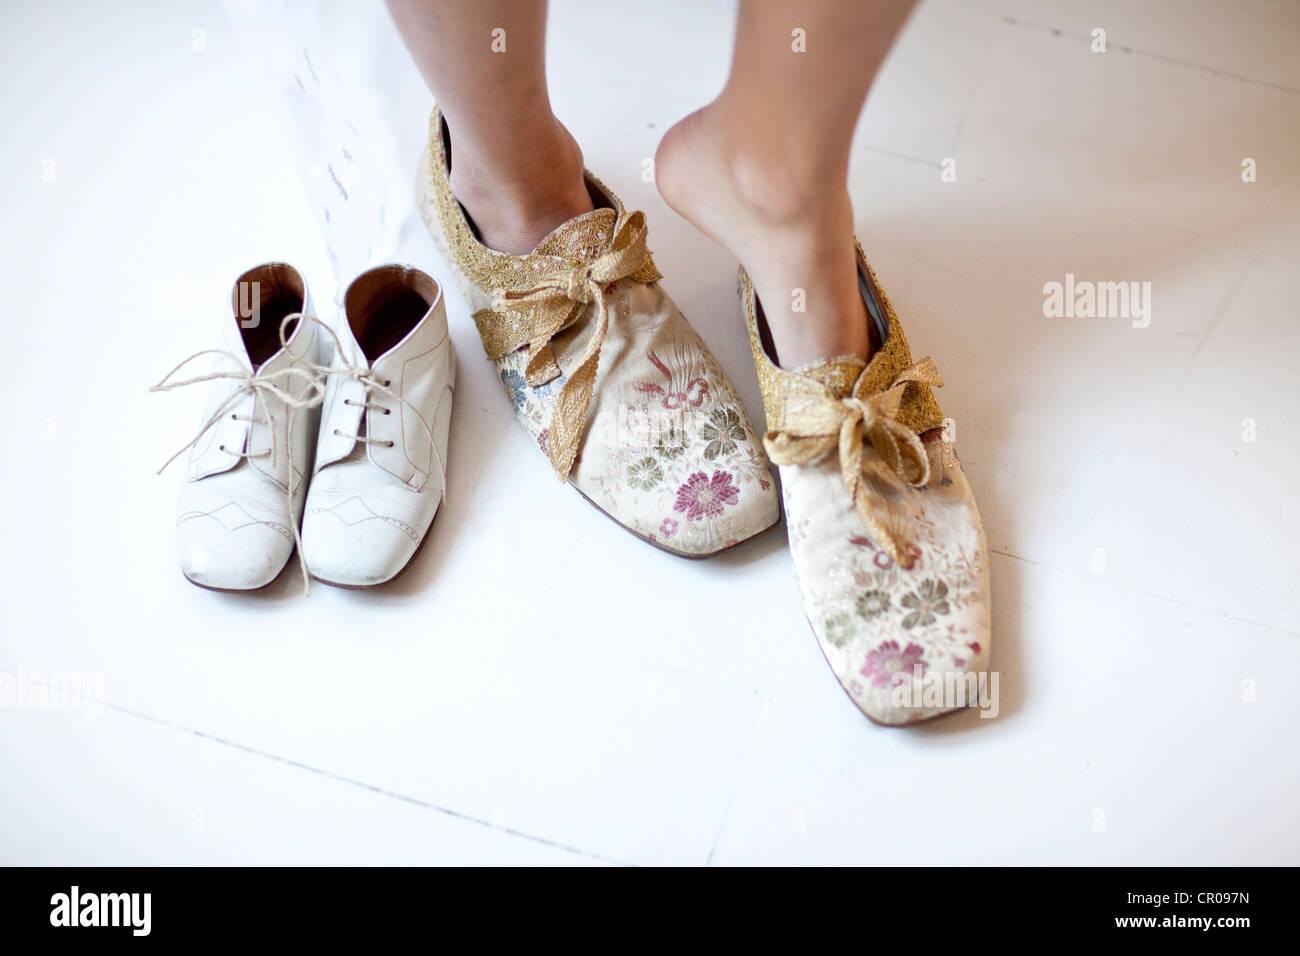 Mujer poniendo en zapatos florales Imagen De Stock